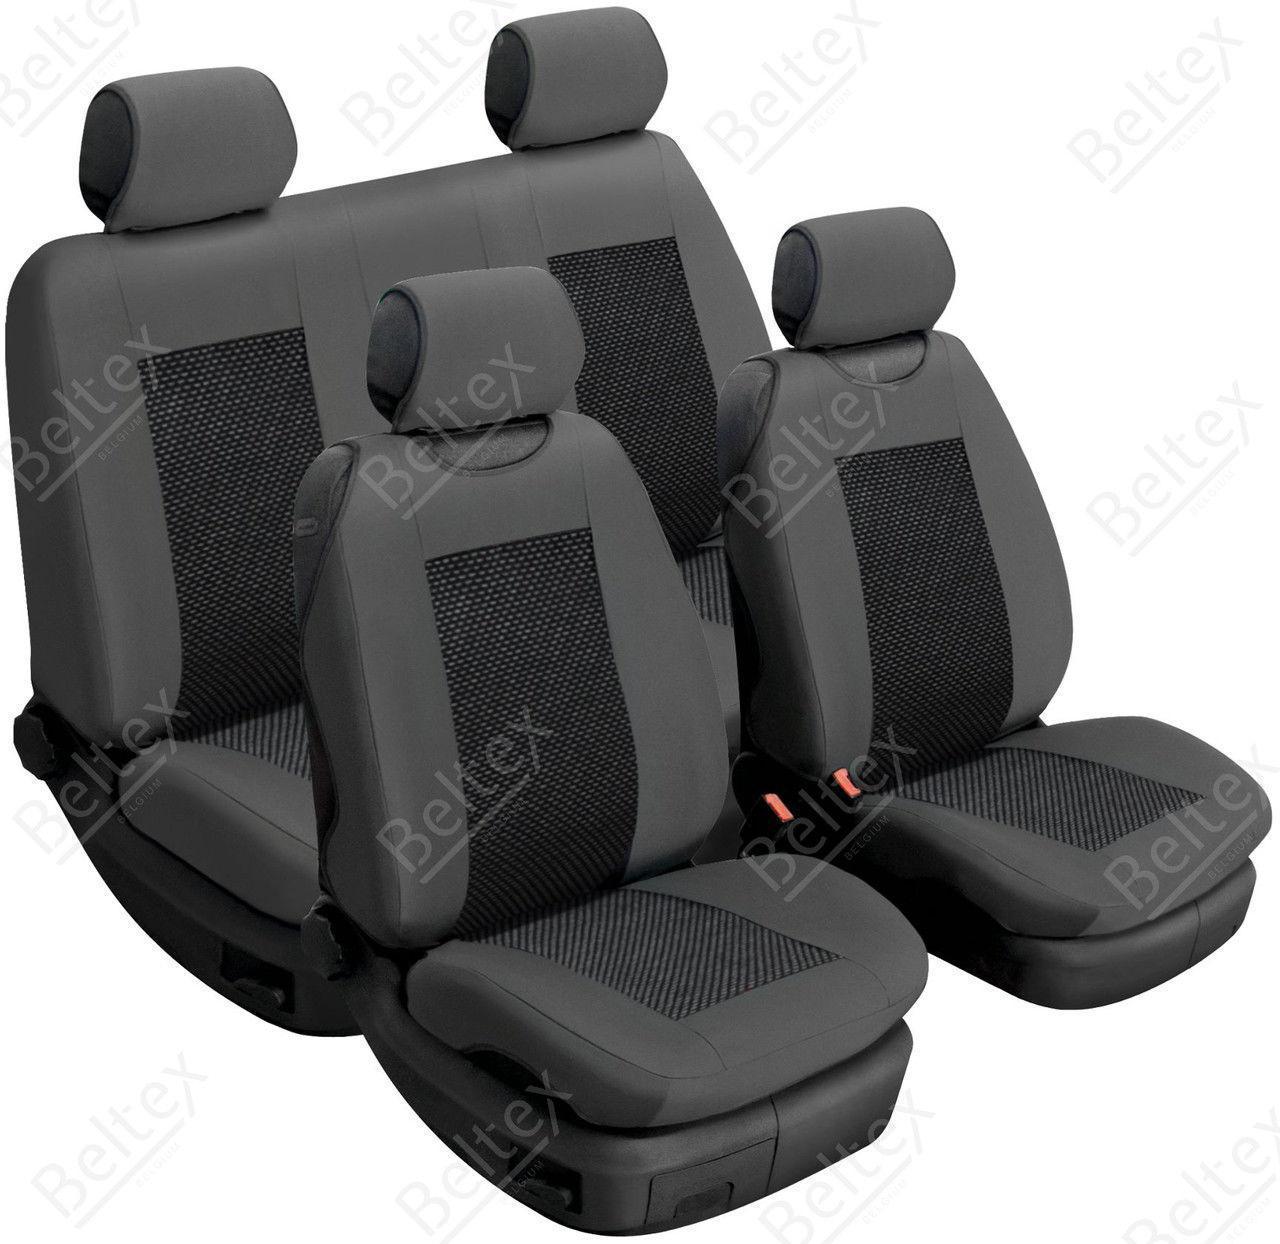 Майки/чехлы на сиденья Пежо 3008 (Peugeot 3008)